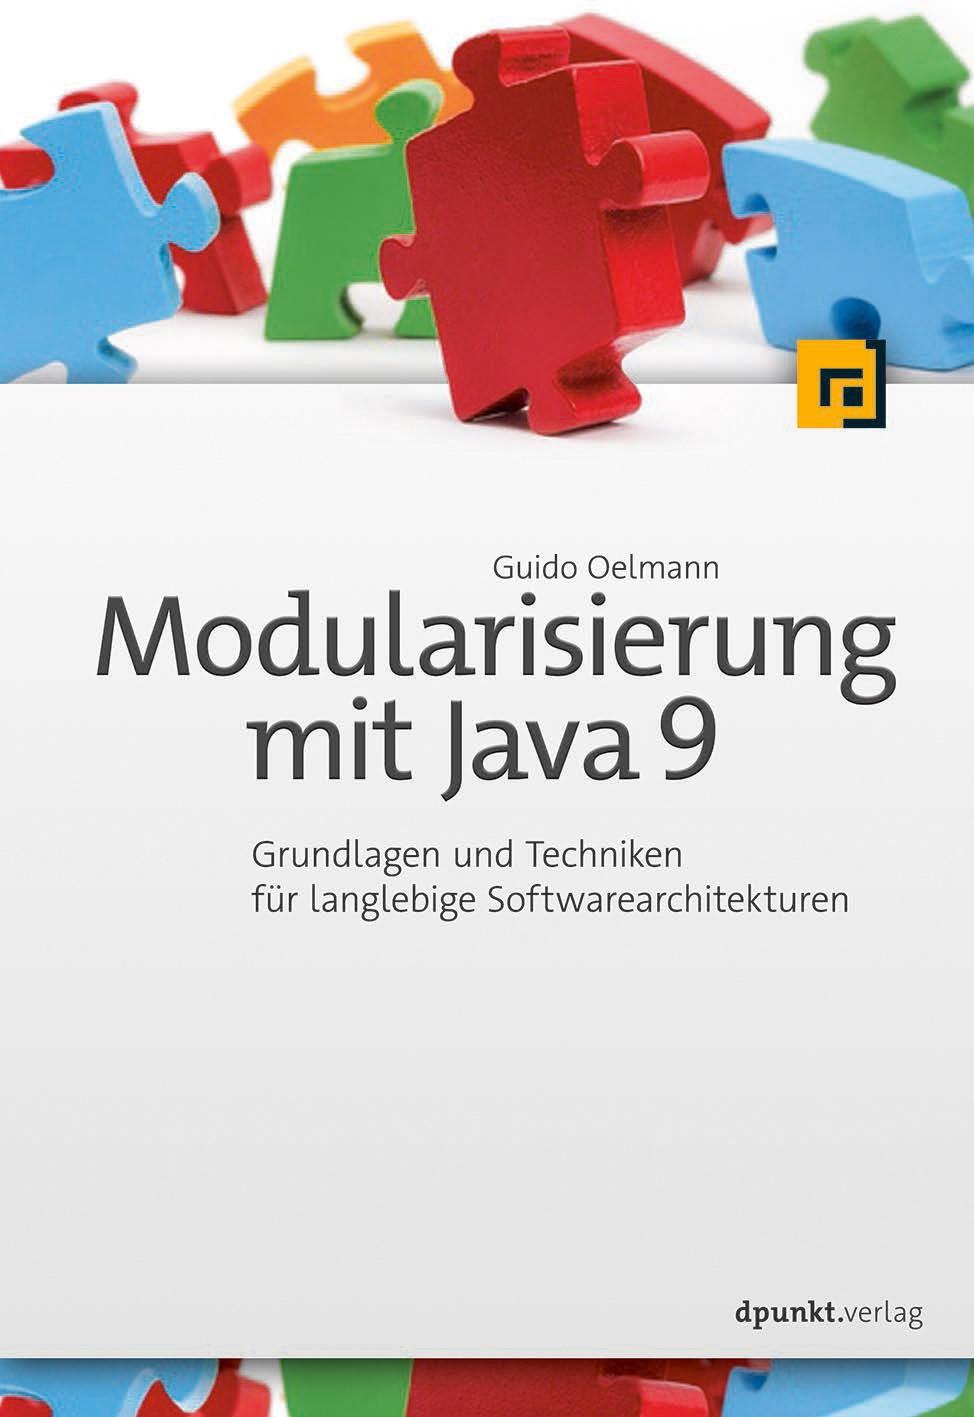 Modularisierung mit Java 9 | Oelmann, 2017 | Buch (Cover)